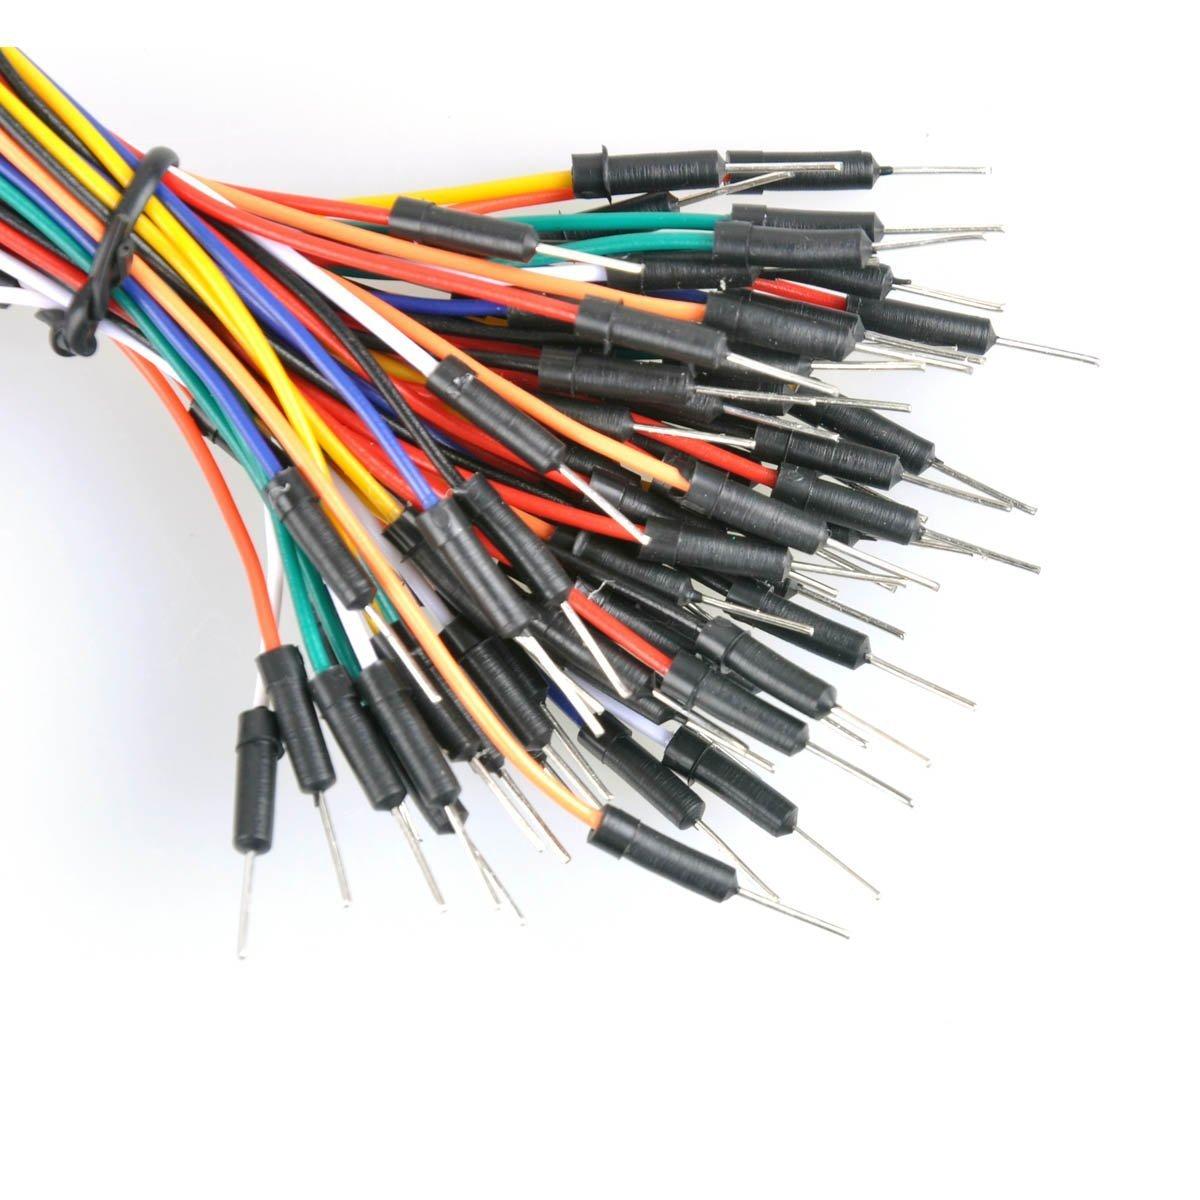 UCEC Lote de 3 paneles de pan de 400 puntos sin soldadura PCB con 3 cables de amarre para Arduino (6 unidades, 3 + 3): Amazon.es: Informática